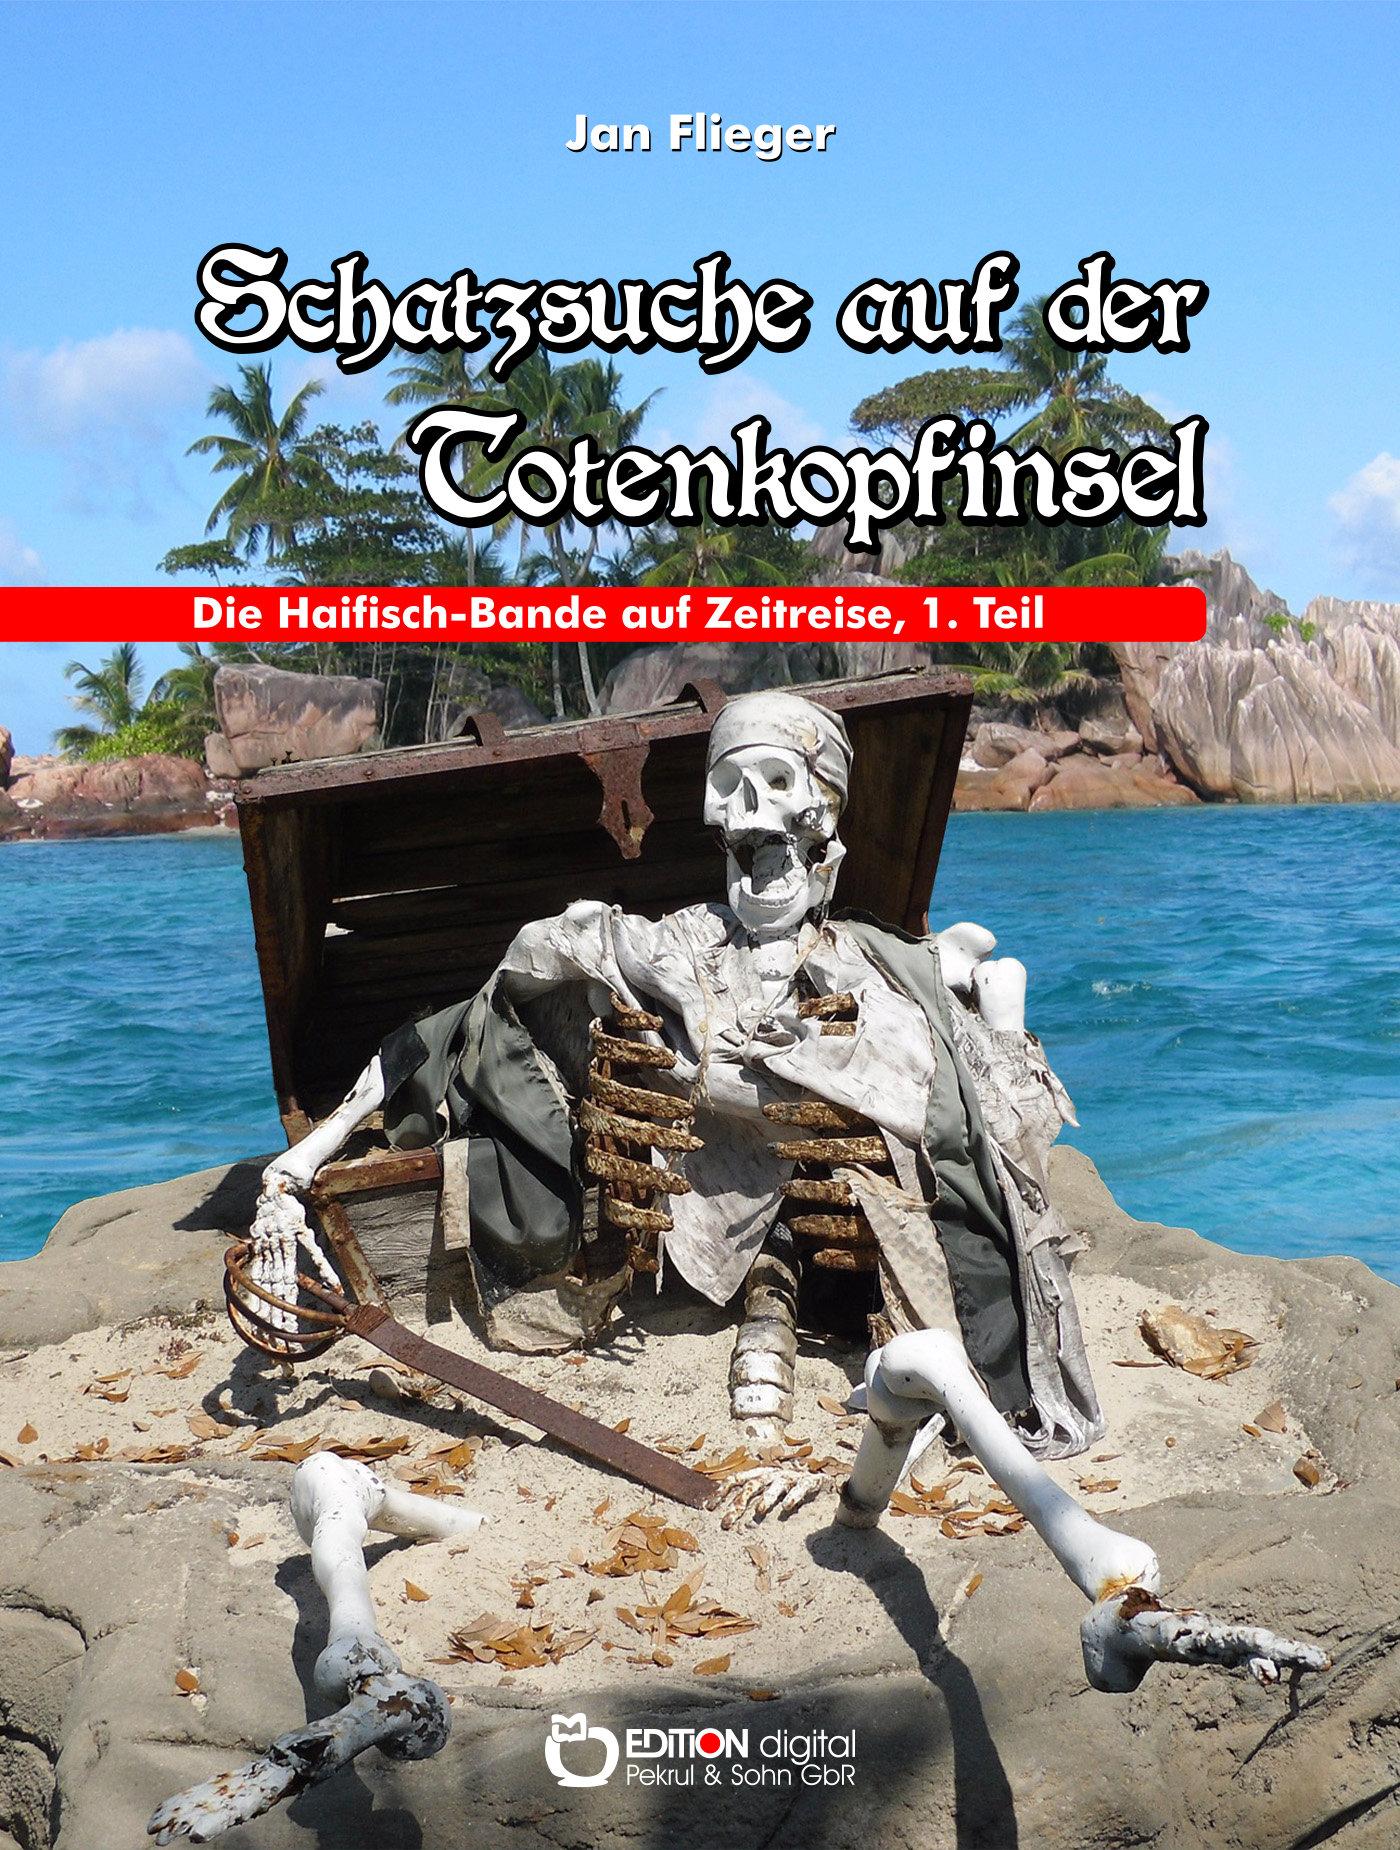 Schatzsuche auf der Totenkopfinsel. Die Haifisch-Bande auf Zeitreisen, 1. Teil von Jan Flieger